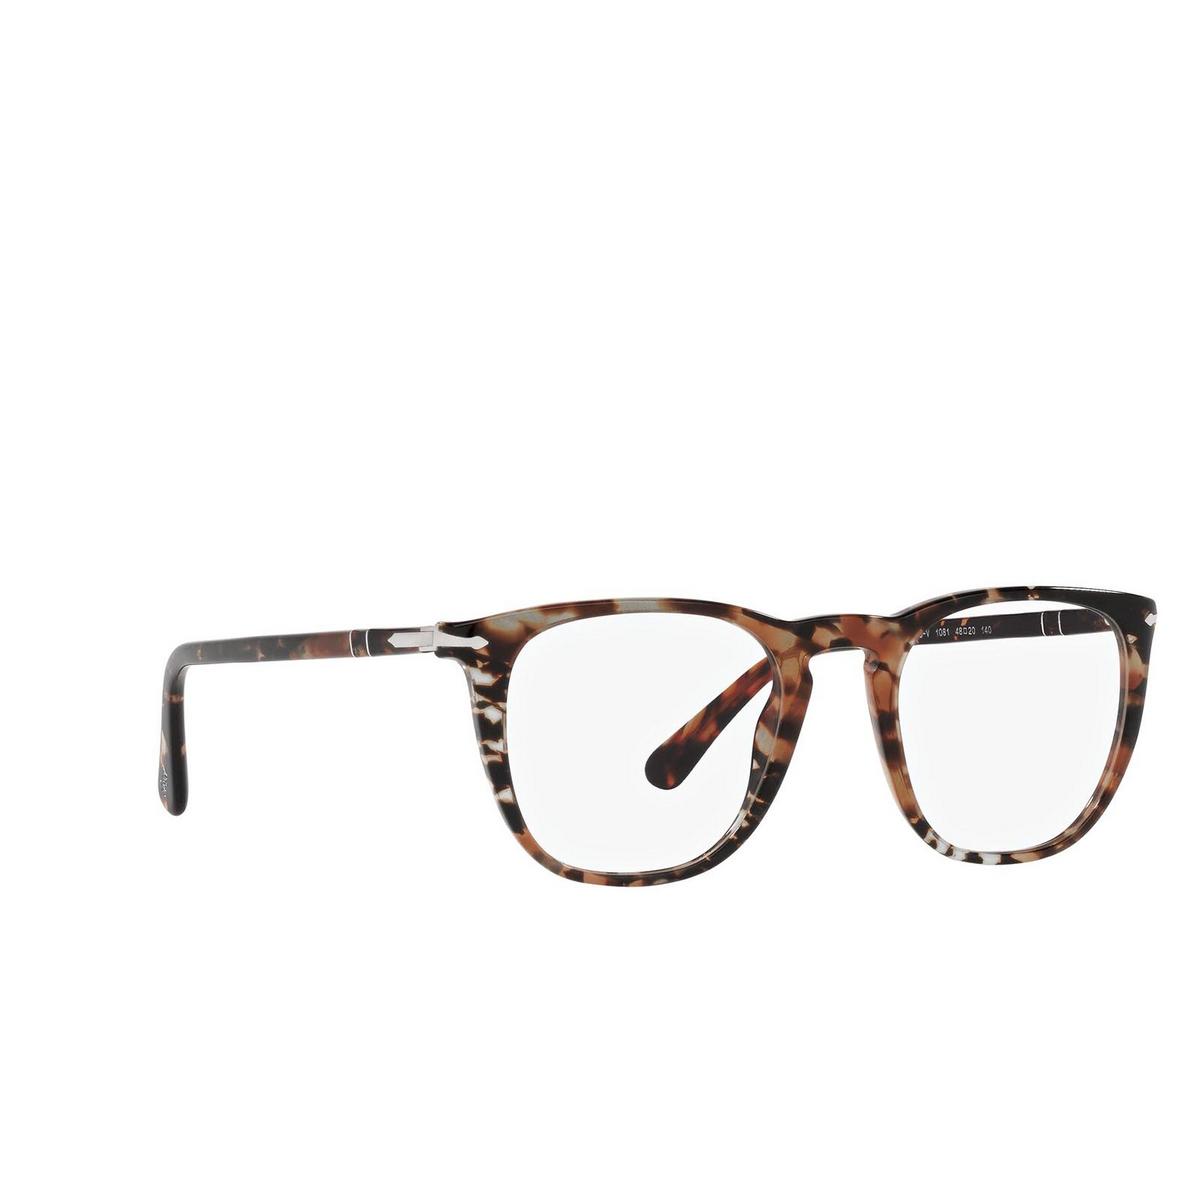 Persol® Square Eyeglasses: PO3266V color Havana 1081 - three-quarters view.